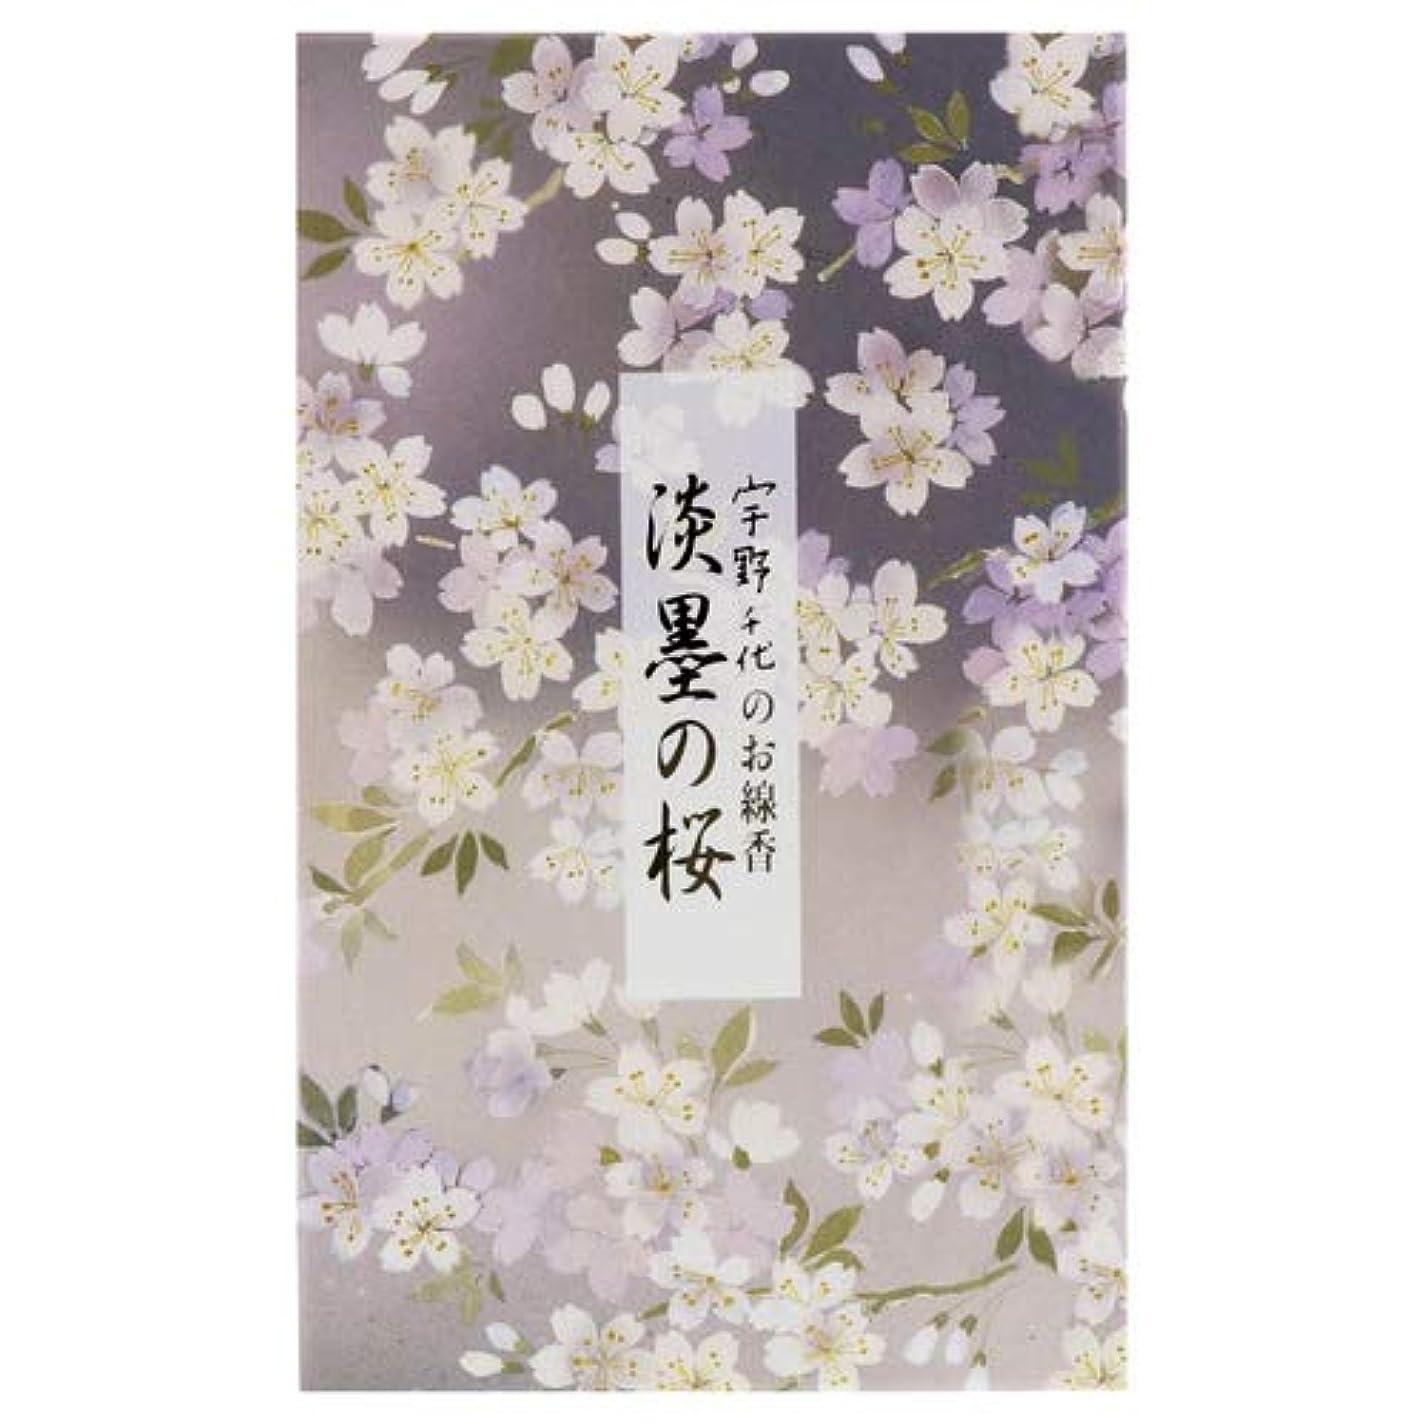 予防接種するバイバイヒューバートハドソン宇野千代のお線香 淡墨の桜 バラ詰